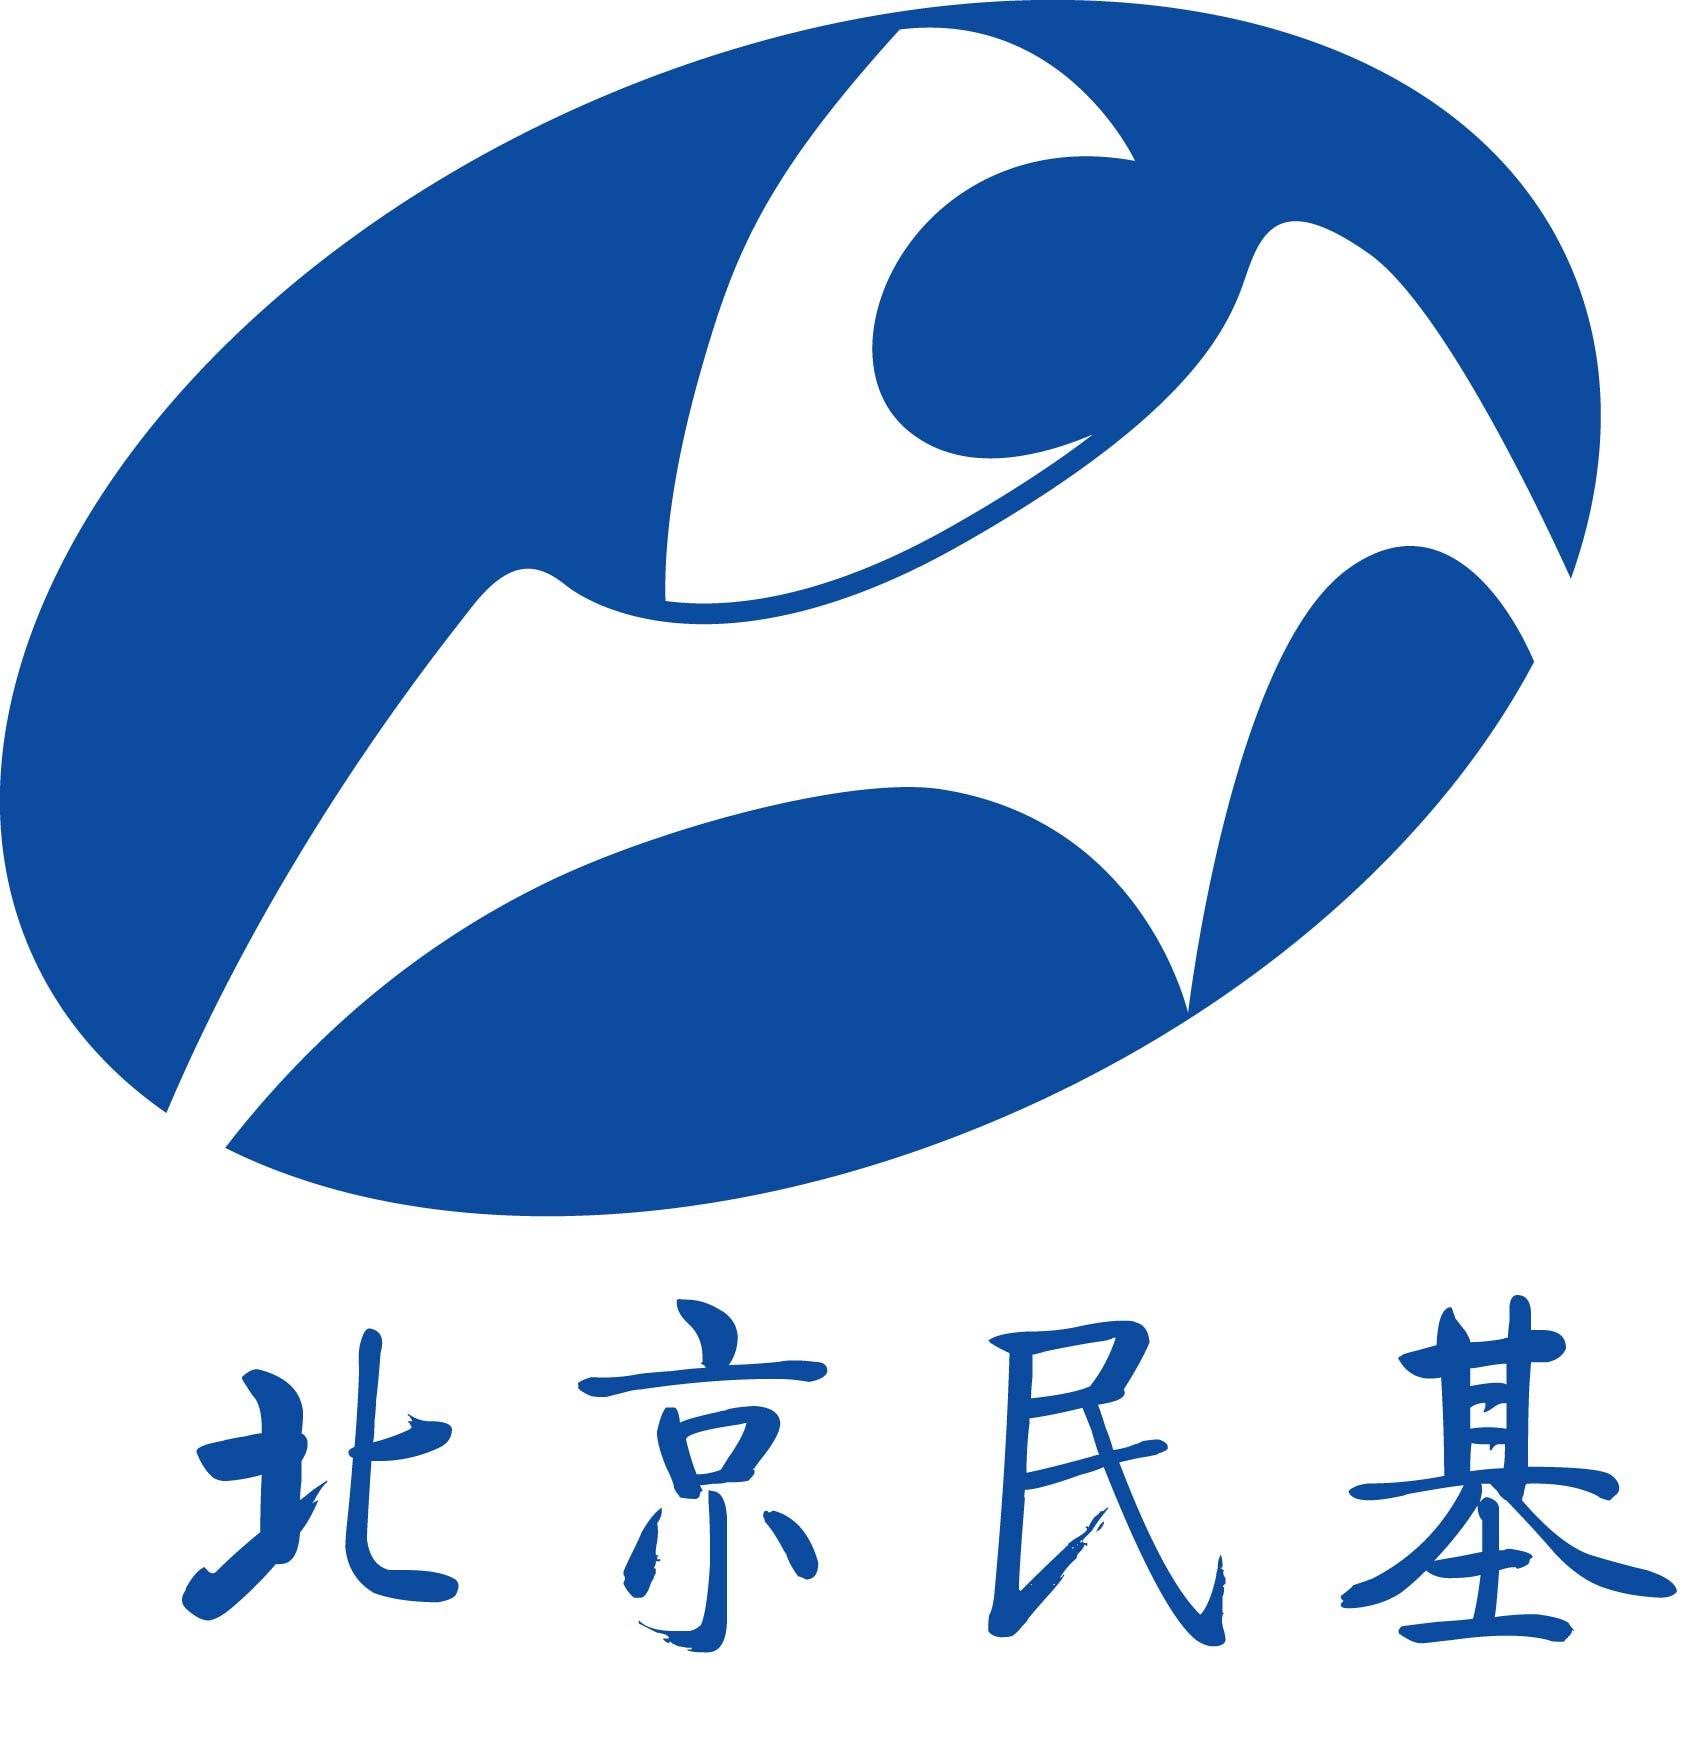 logo logo 标志 设计 矢量 矢量图 素材 图标 1684_1753